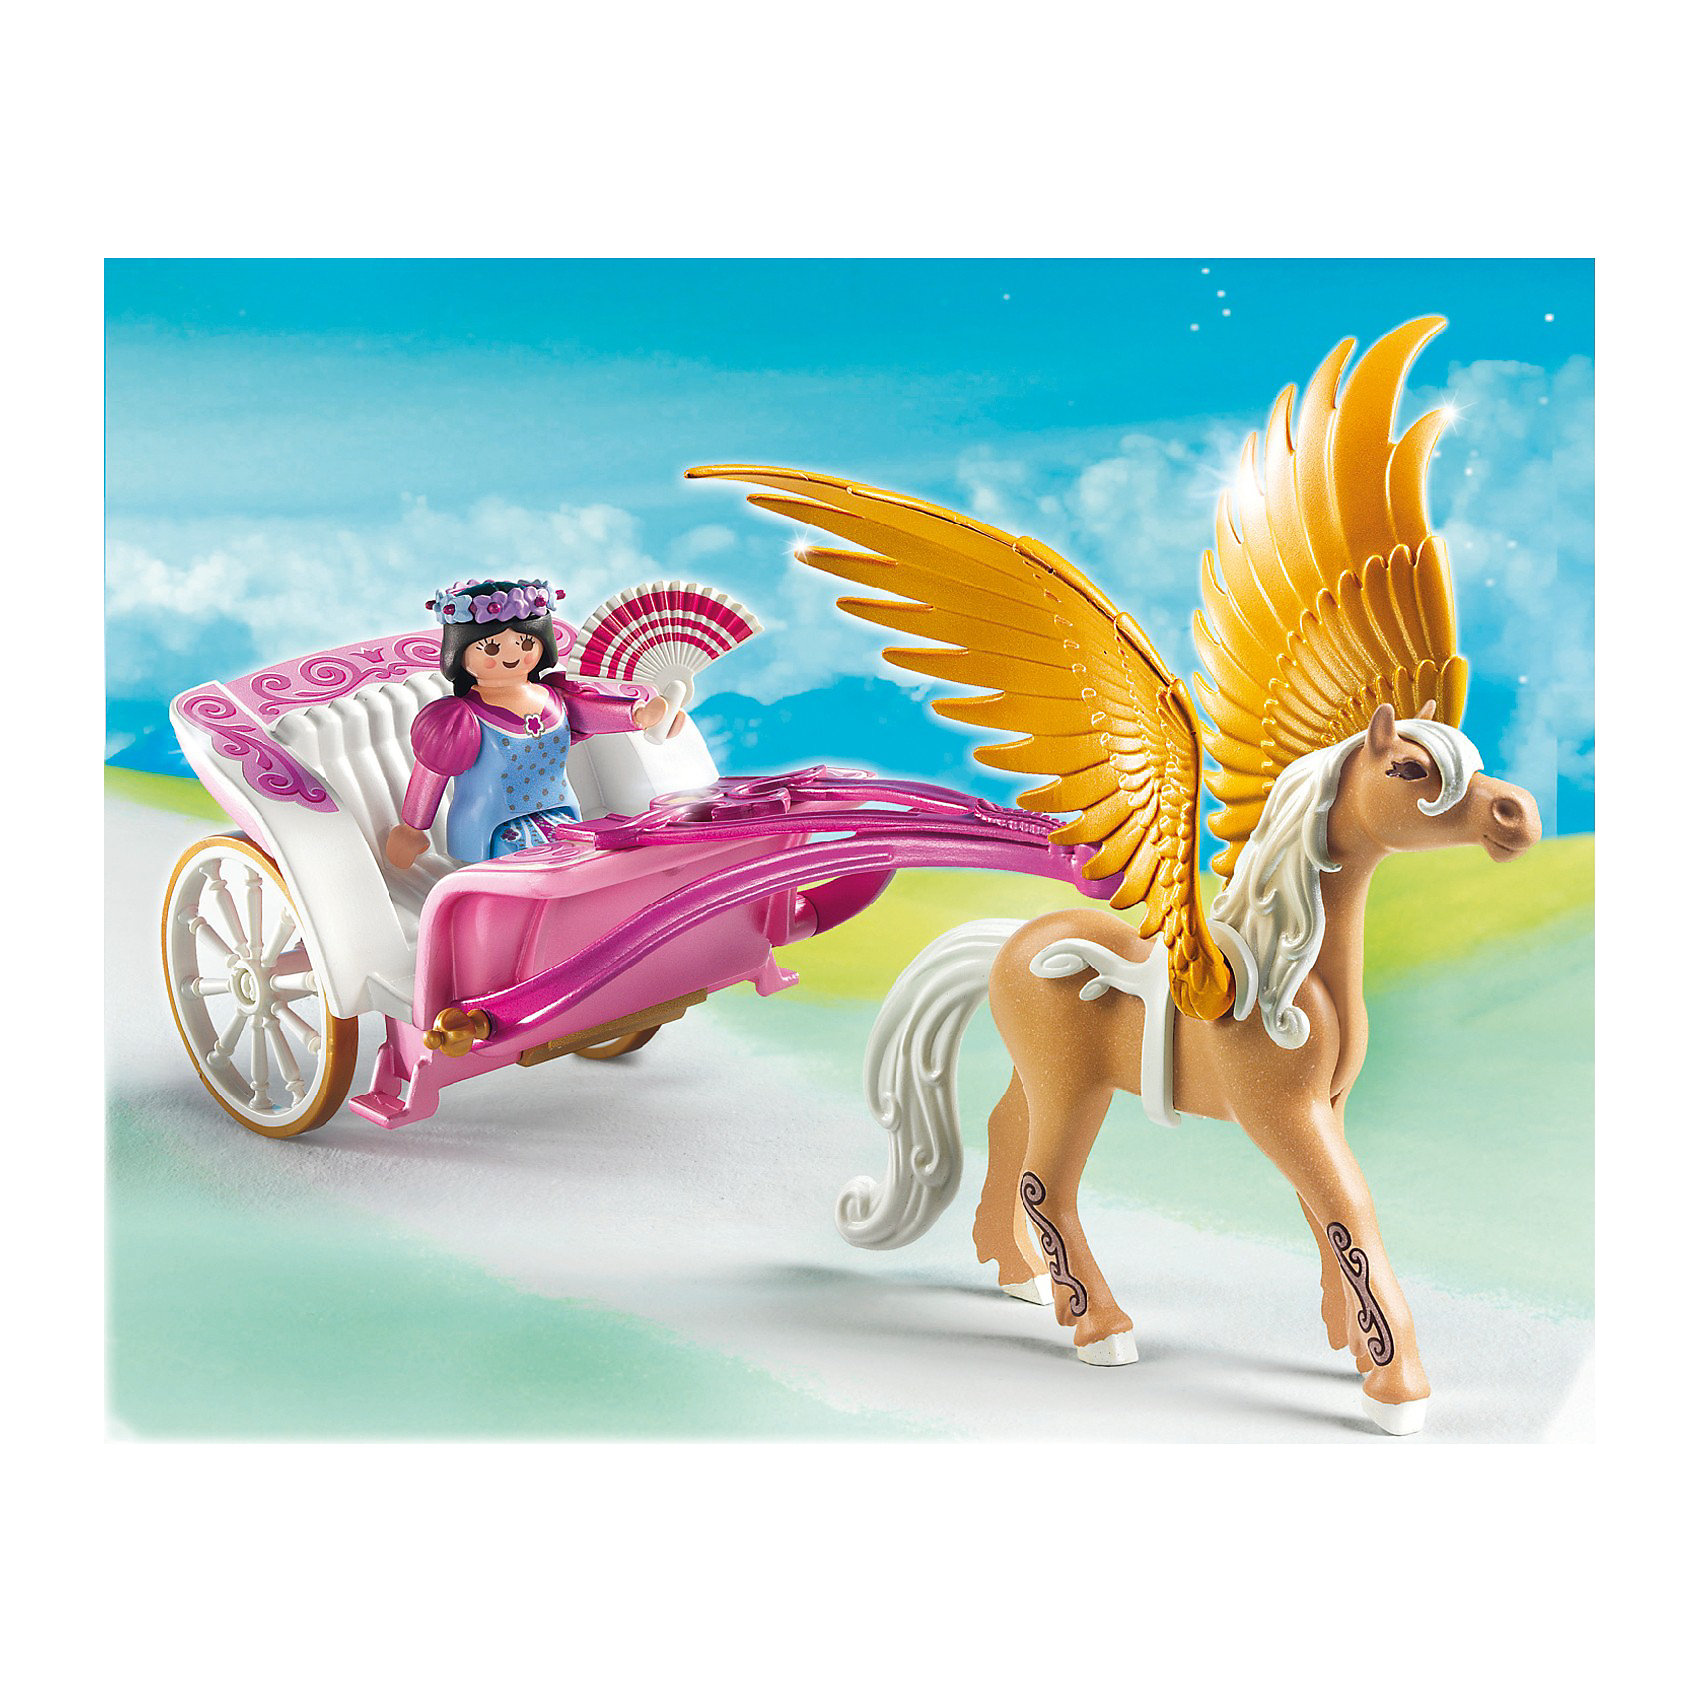 Повозка запряженная Пегасом, PLAYMOBILПластмассовые конструкторы<br>Отправляйся в сказочное путешествие вместе с принцессой и ее Пегасом! В наборе - фигурка принцессы, Пегас, колесница и множество прекрасных аксессуаров, которые сделают игру еще реалистичнее и увлекательнее. Фигурка имеет подвижные конечности, в руки можно вложить различные предметы. Пегас может кивать головой, а его крылья опускаются и поднимаются. Колесики повозки вращаются. Все детали прекрасно проработаны и выполнены из высококачественного экологичного пластика безопасного для детей. Играть с таким набором не только приятно и интересно - подобные виды игры развивают мелкую моторику, воображение, творческое мышление.<br><br>Дополнительная информация:<br><br>- 1 фигурка принцессы.<br>- Комплектация: 1 фигурка, Пегас, колесница, аксессуары. <br>- Материал: пластик.<br>- Размер упаковки: 20х25х10 см.<br>- Высота фигурки: 7,5 см.<br>- Голова, руки, ноги у фигурки подвижные.<br>- Колесики колесницы вращаются.<br><br>Набор Повозка запряженная Пегасом, PLAYMOBIL (Плеймобил), можно купить в нашем магазине.<br><br>Ширина мм: 252<br>Глубина мм: 202<br>Высота мм: 105<br>Вес г: 350<br>Возраст от месяцев: 48<br>Возраст до месяцев: 120<br>Пол: Женский<br>Возраст: Детский<br>SKU: 2265276